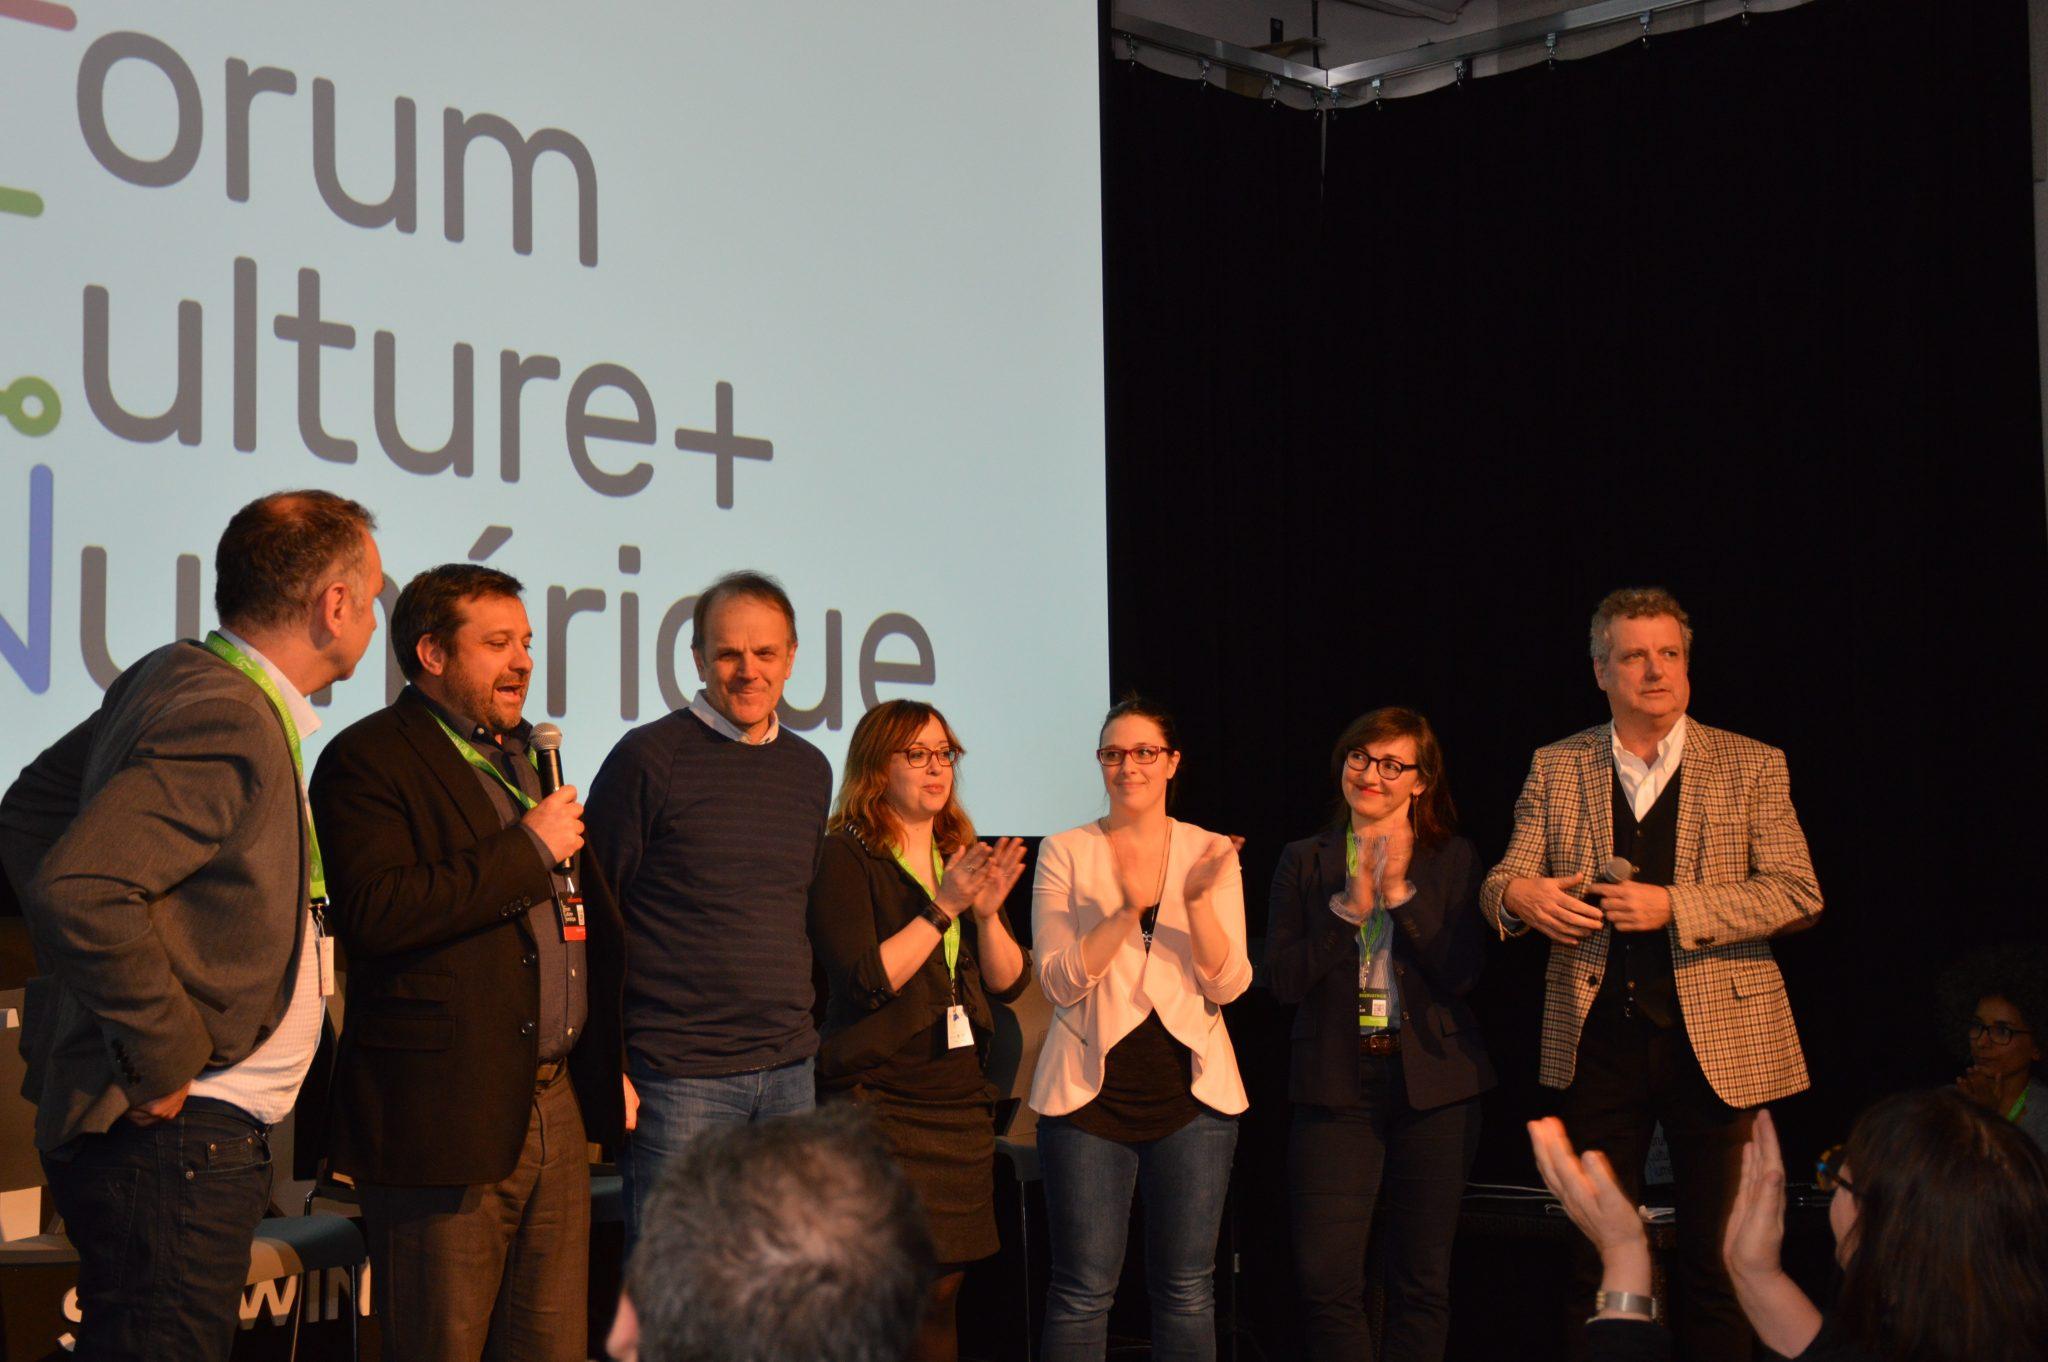 Franc succès du Forum Culture + Numérique, première édition